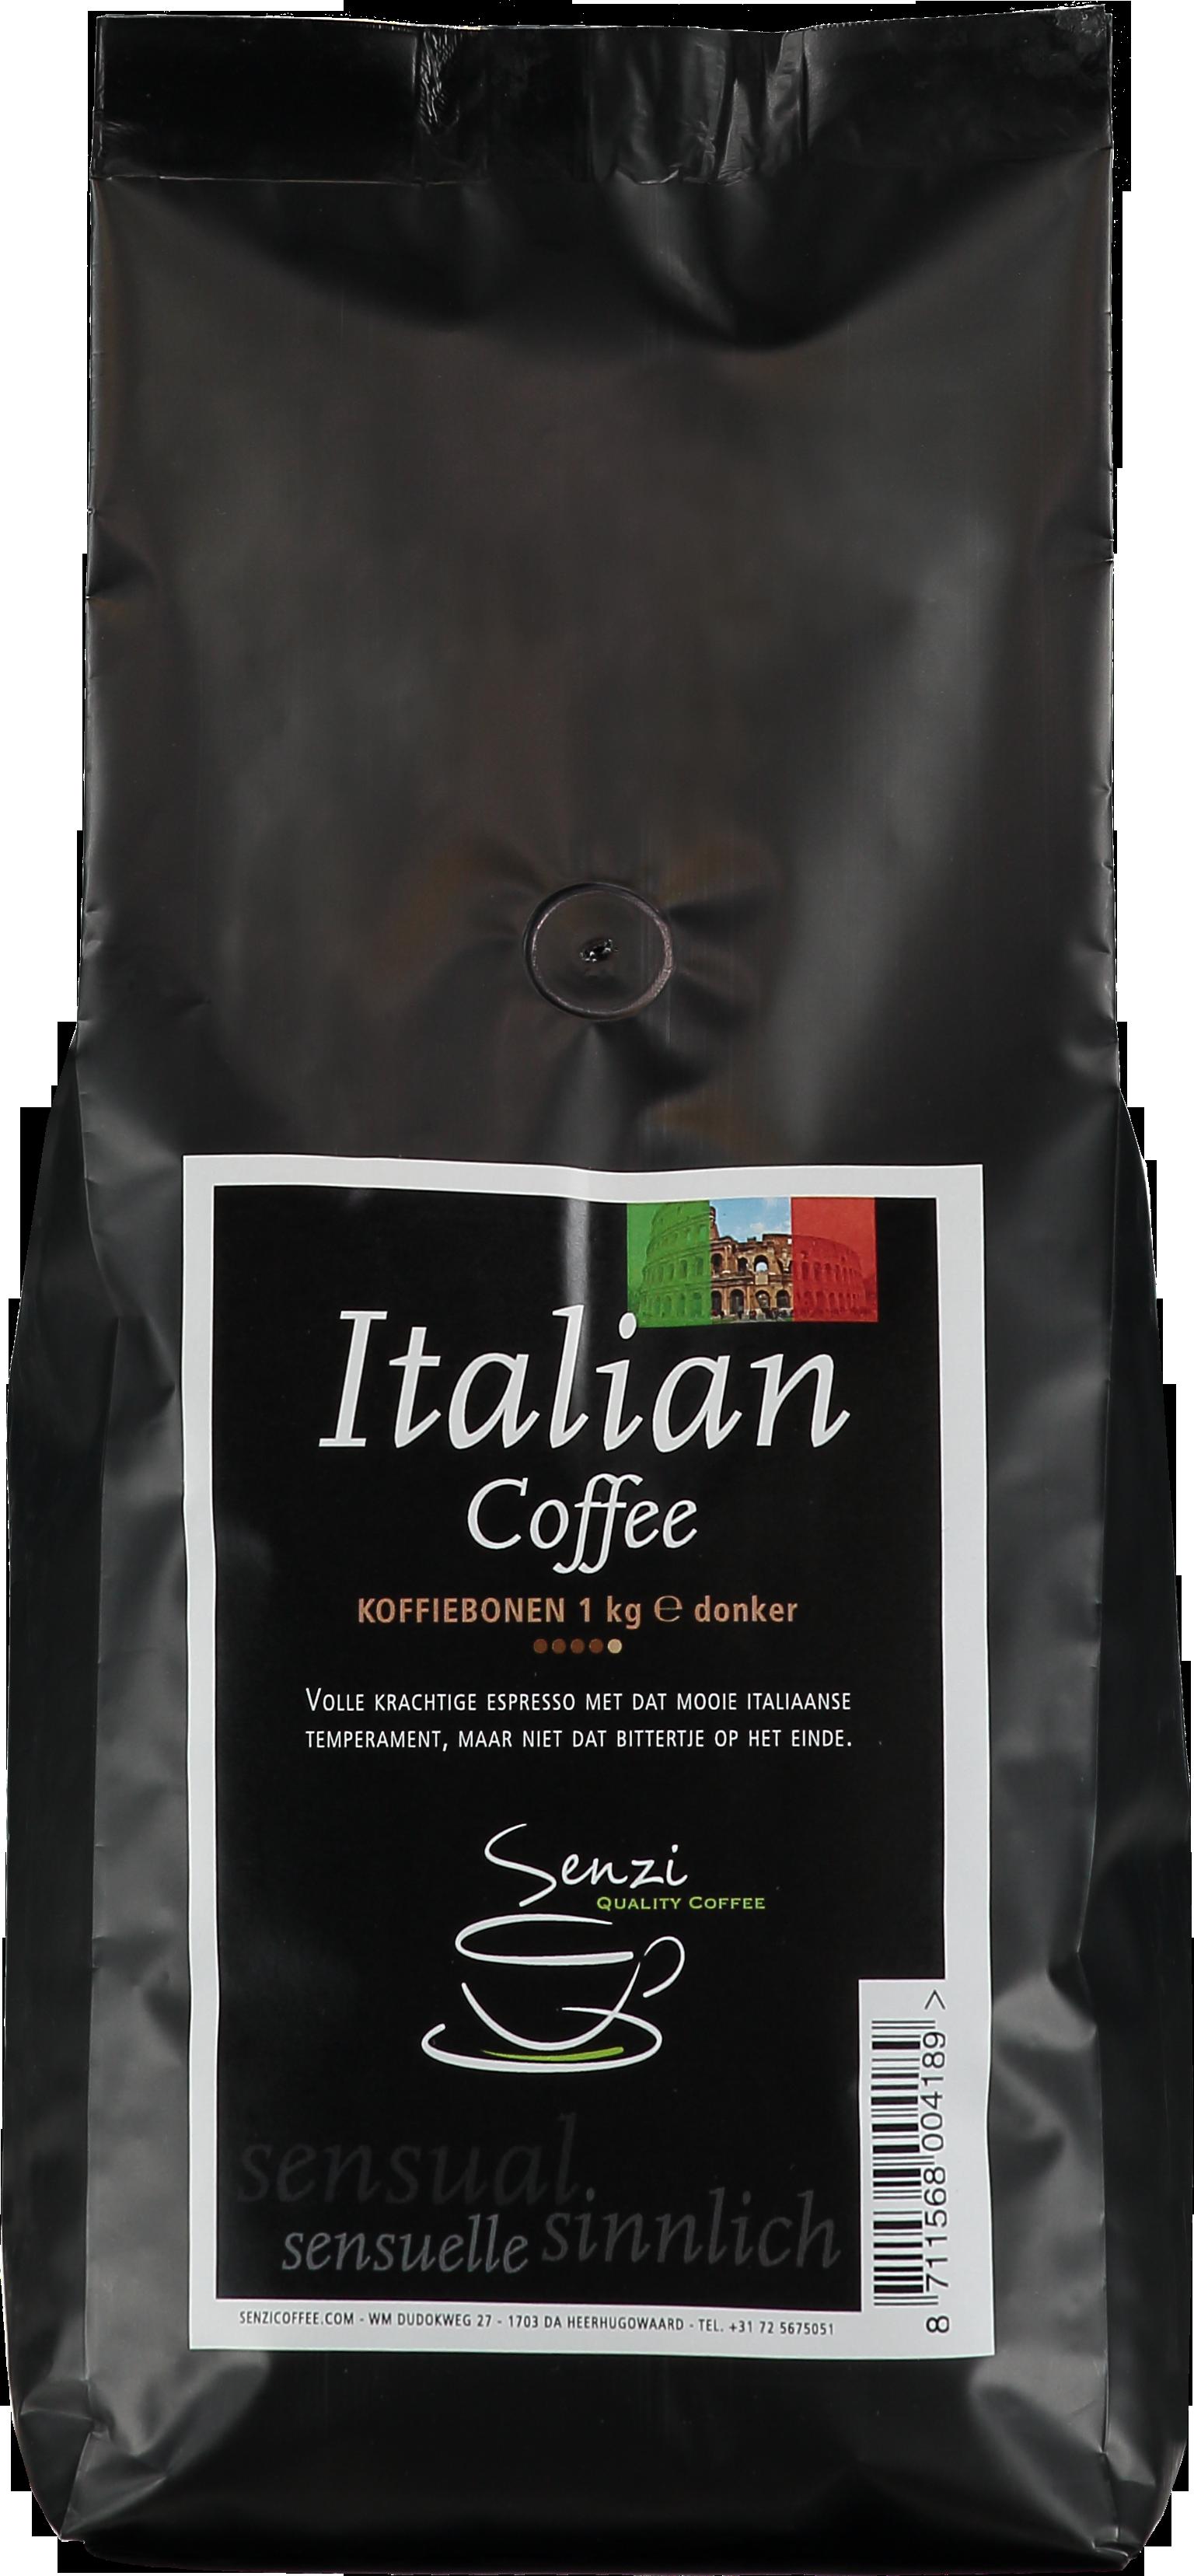 Senzicoffee Italian Koffiebonen